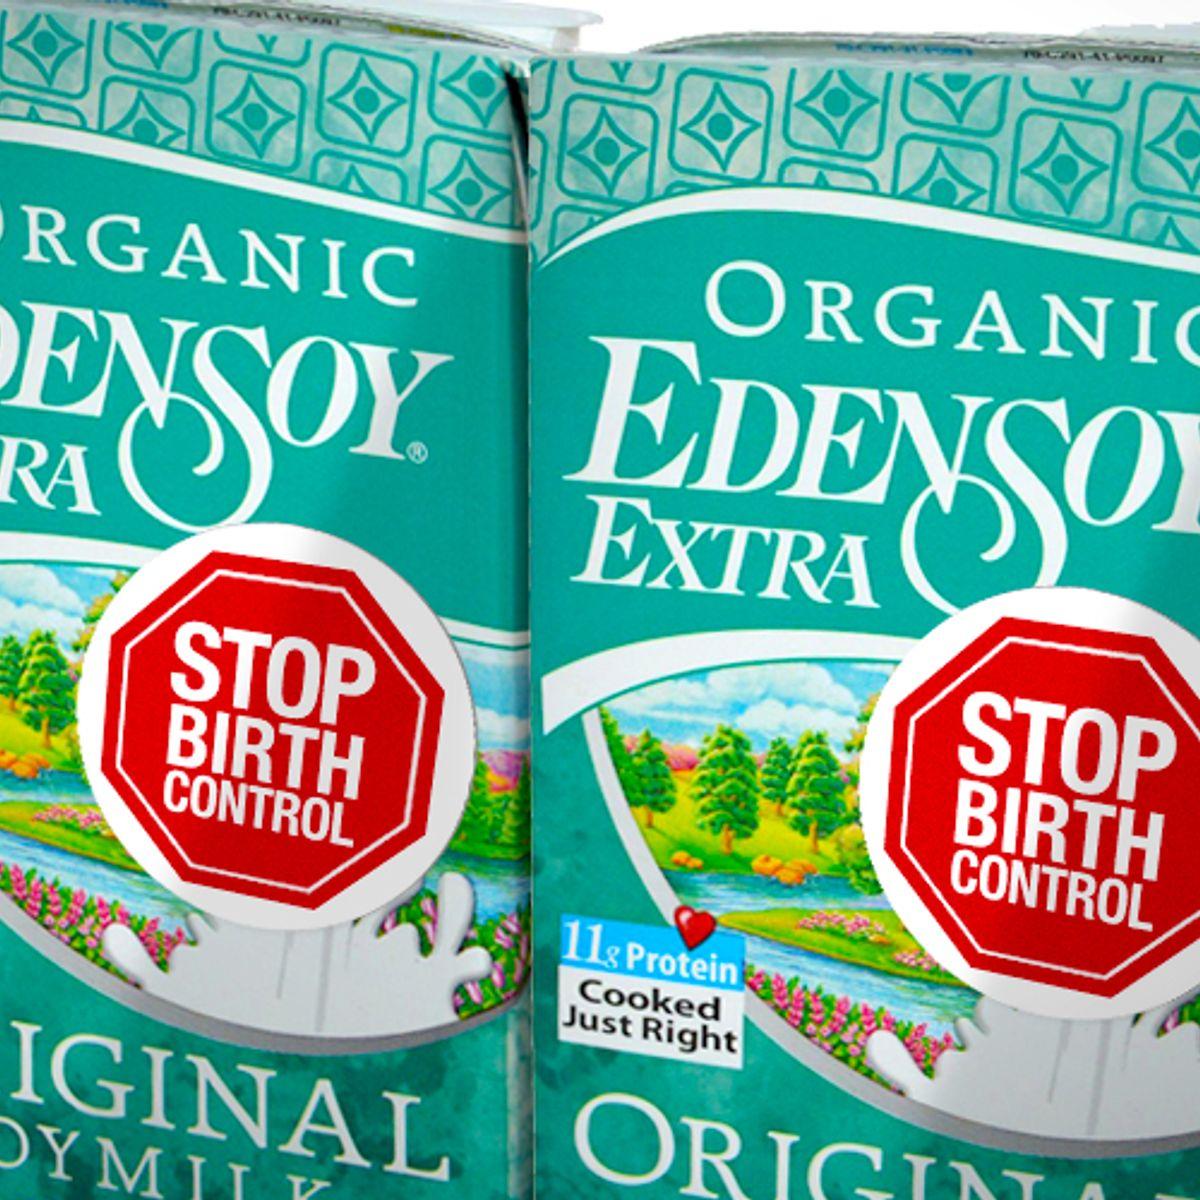 Organic Eden Foods' quiet right-wing agenda